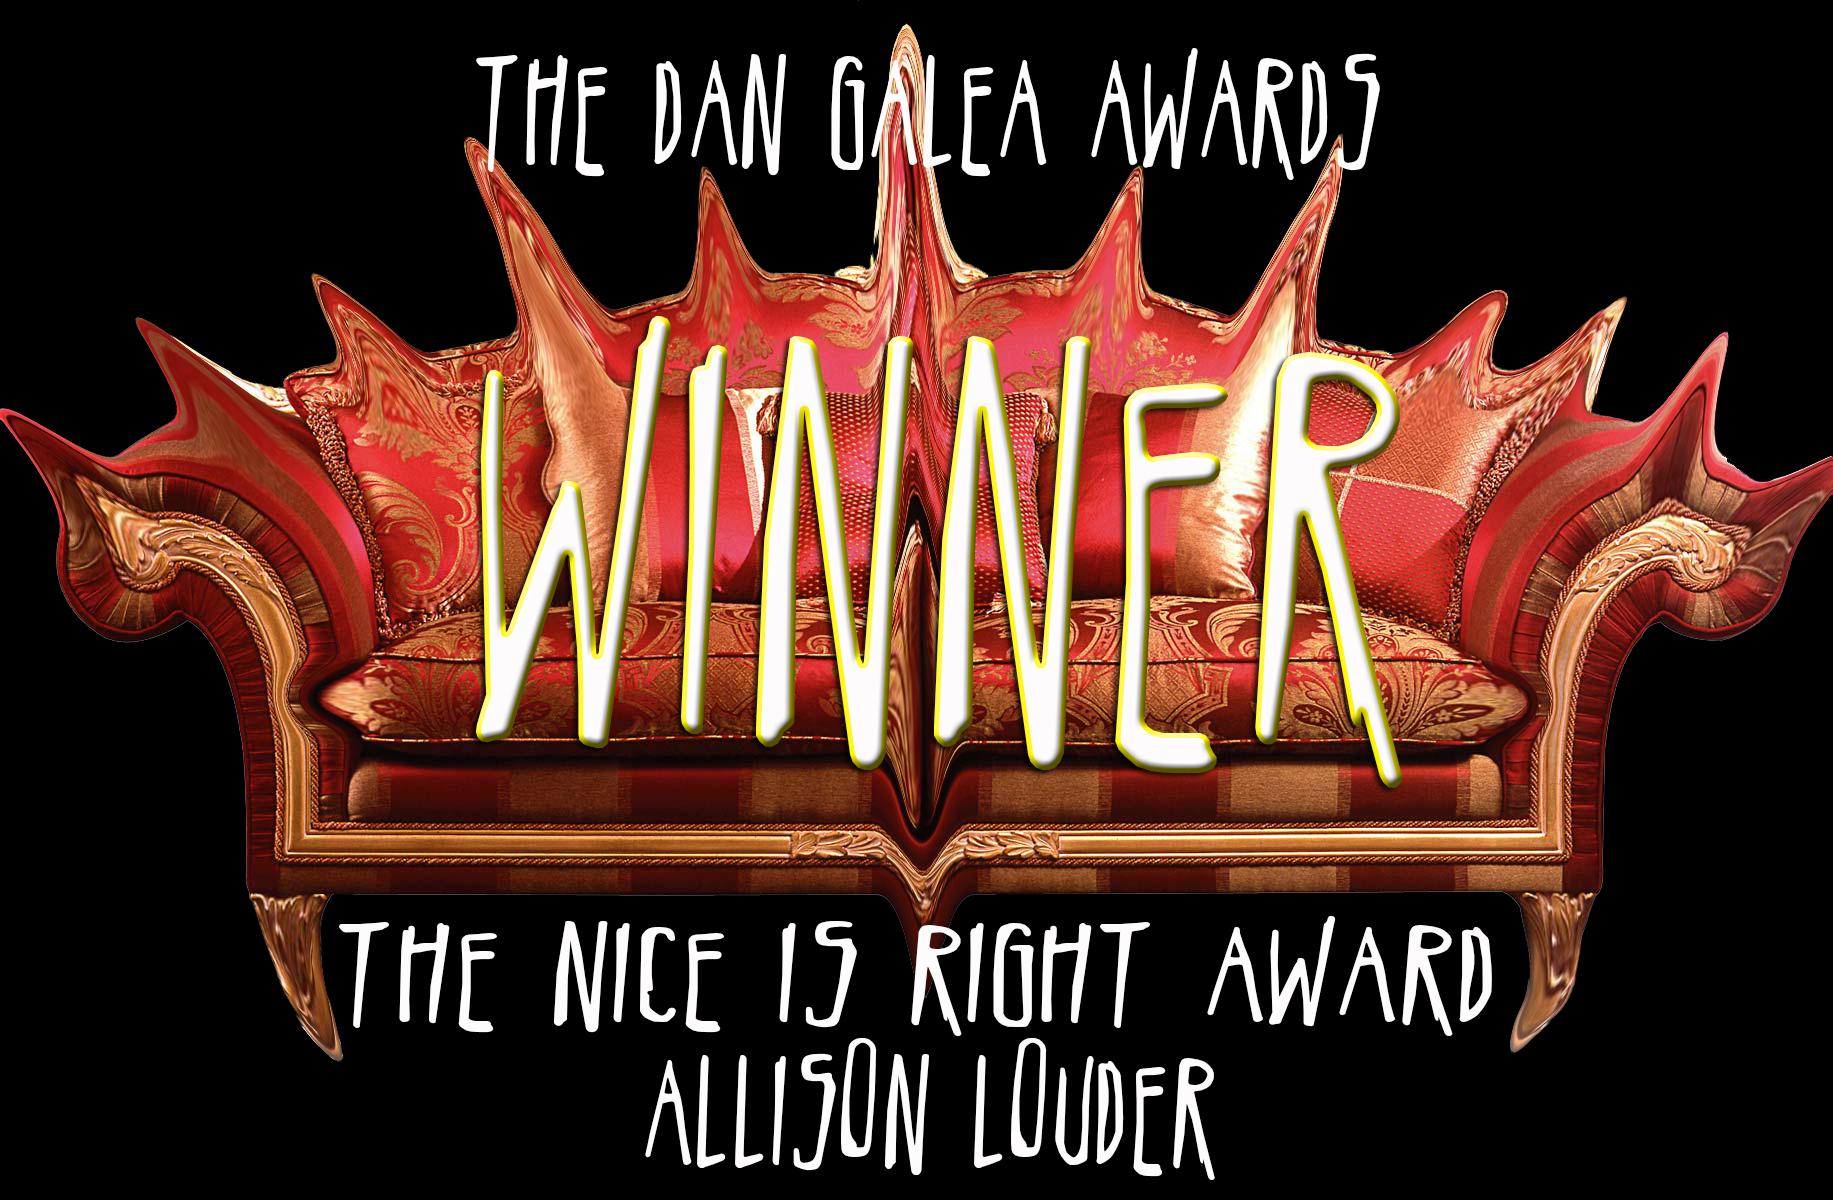 DGawards Allison Louder 2.jpg